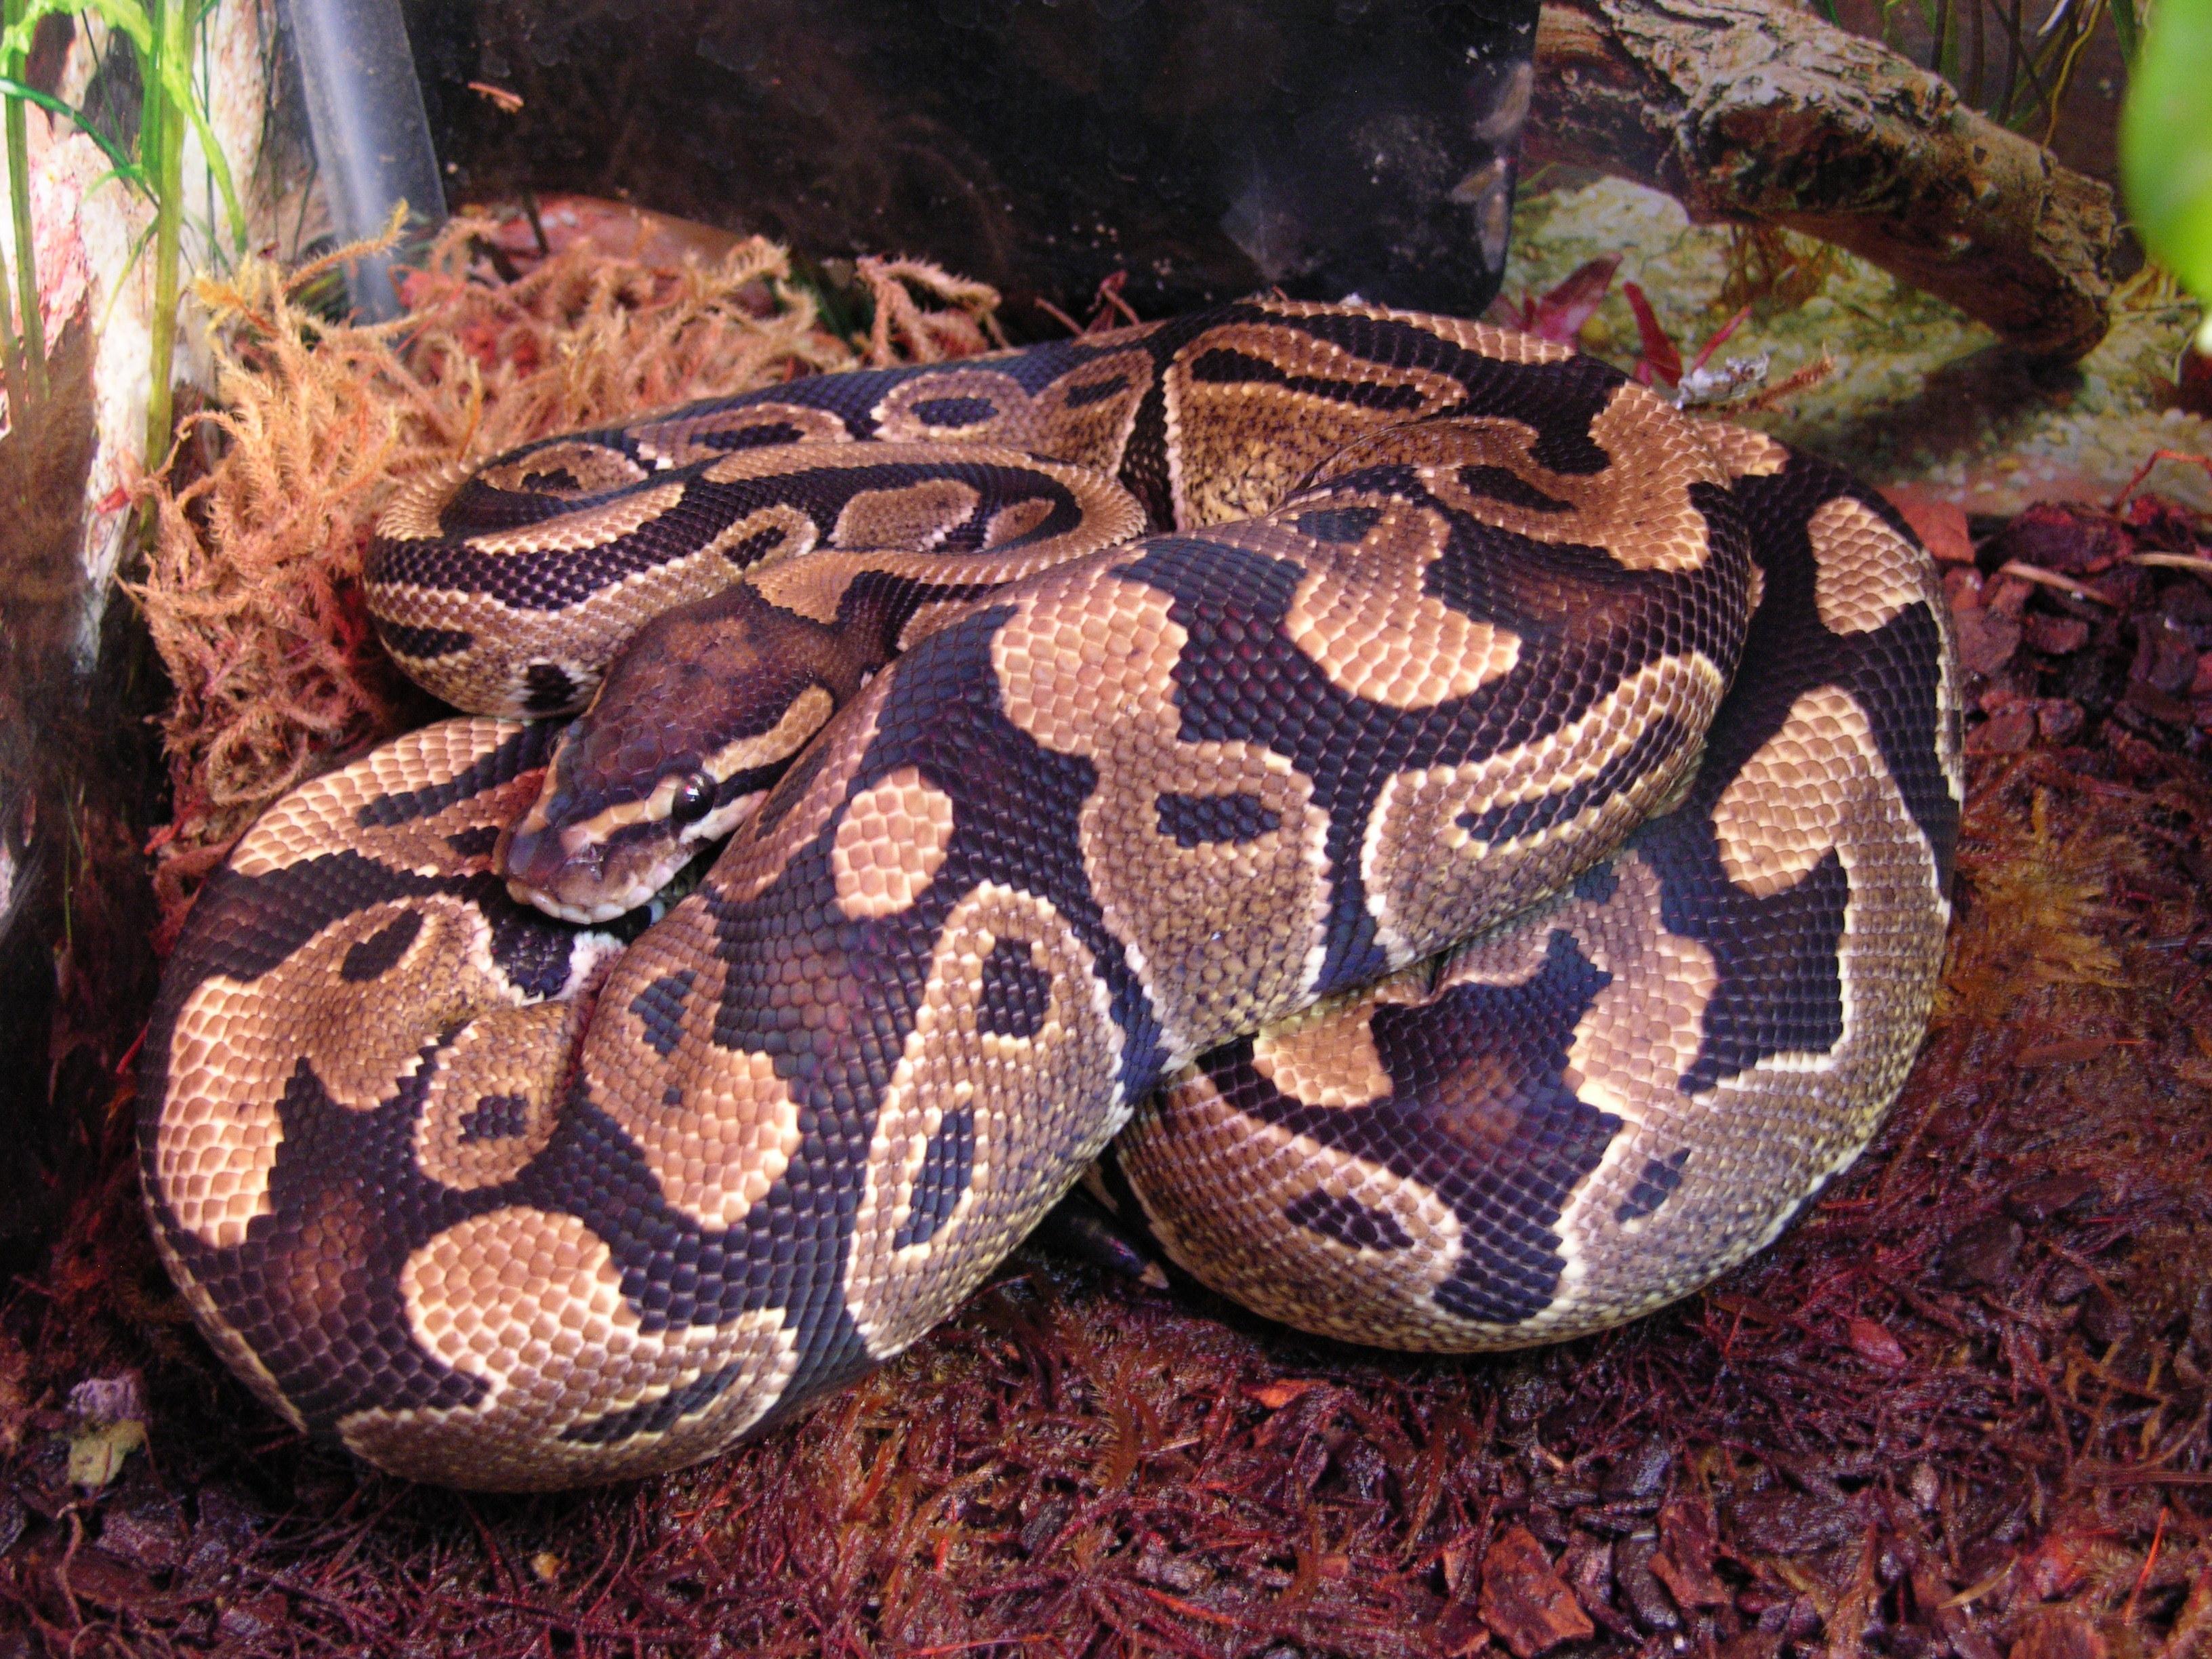 Image of Ball python